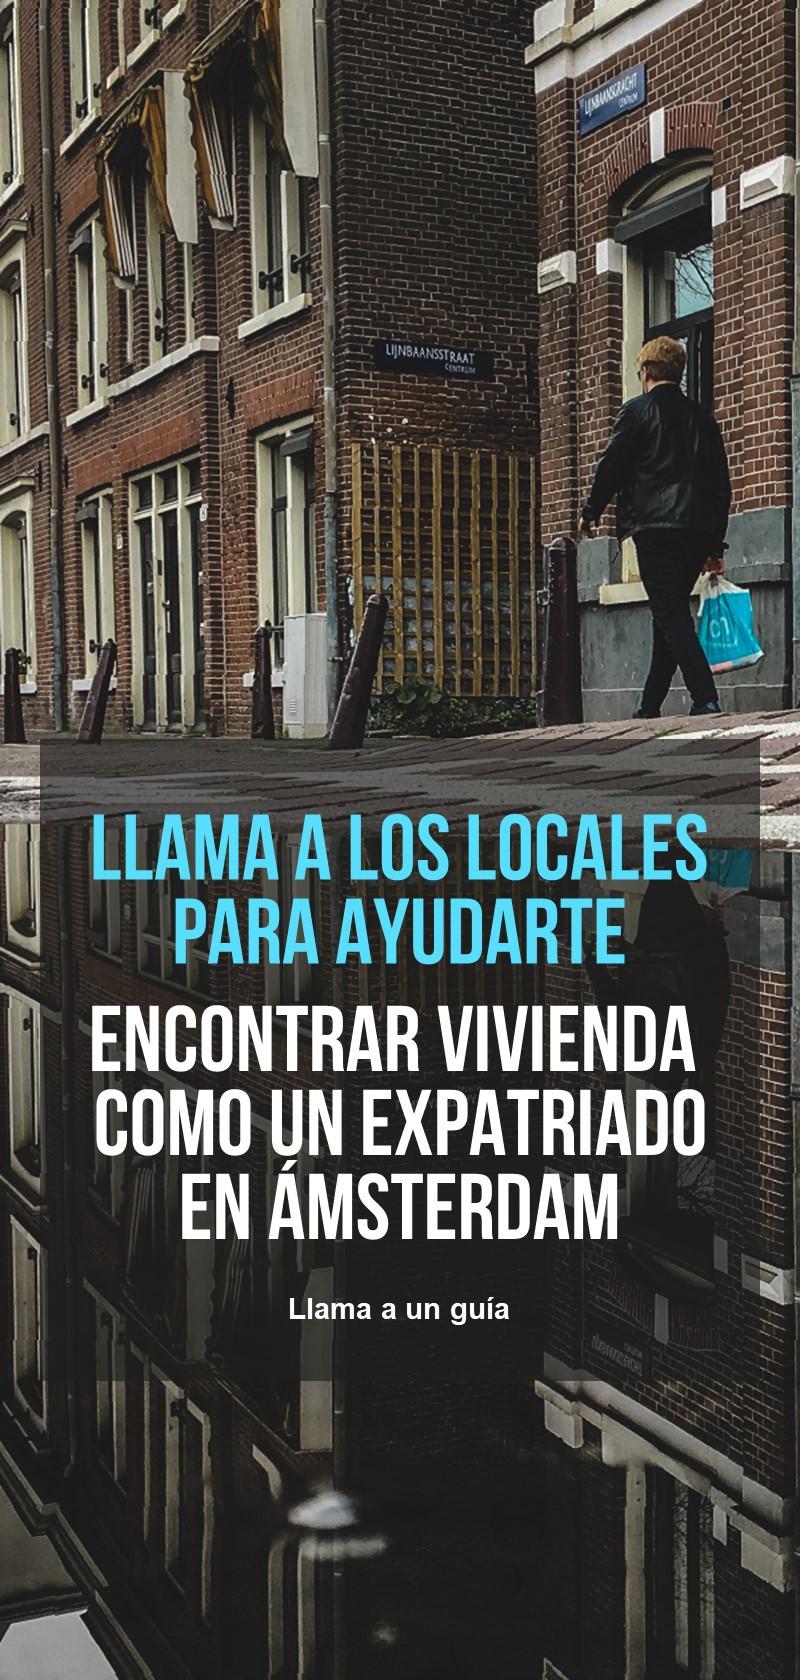 Encontrar una casa como expatriado en Amsterdam